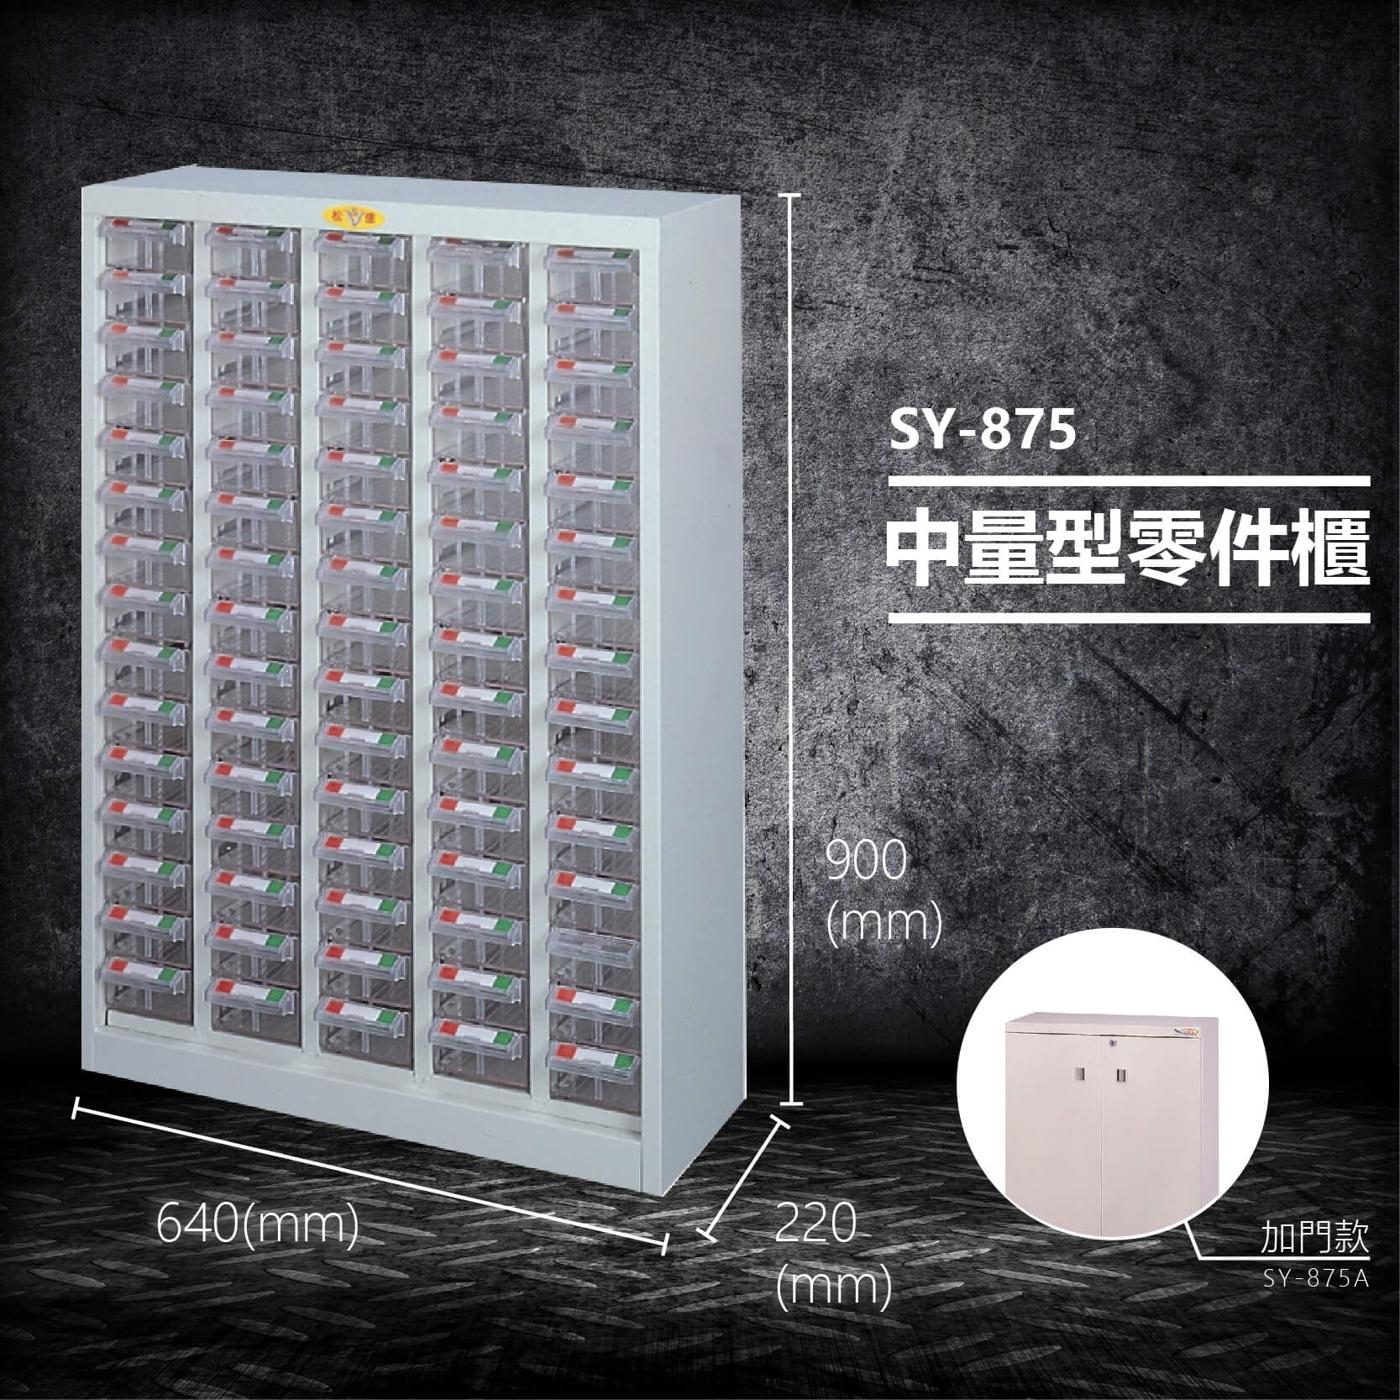 【台灣製造】大富 SY-875 中量型零件櫃 收納櫃 零件盒 置物櫃 分類盒 分類櫃 工具櫃